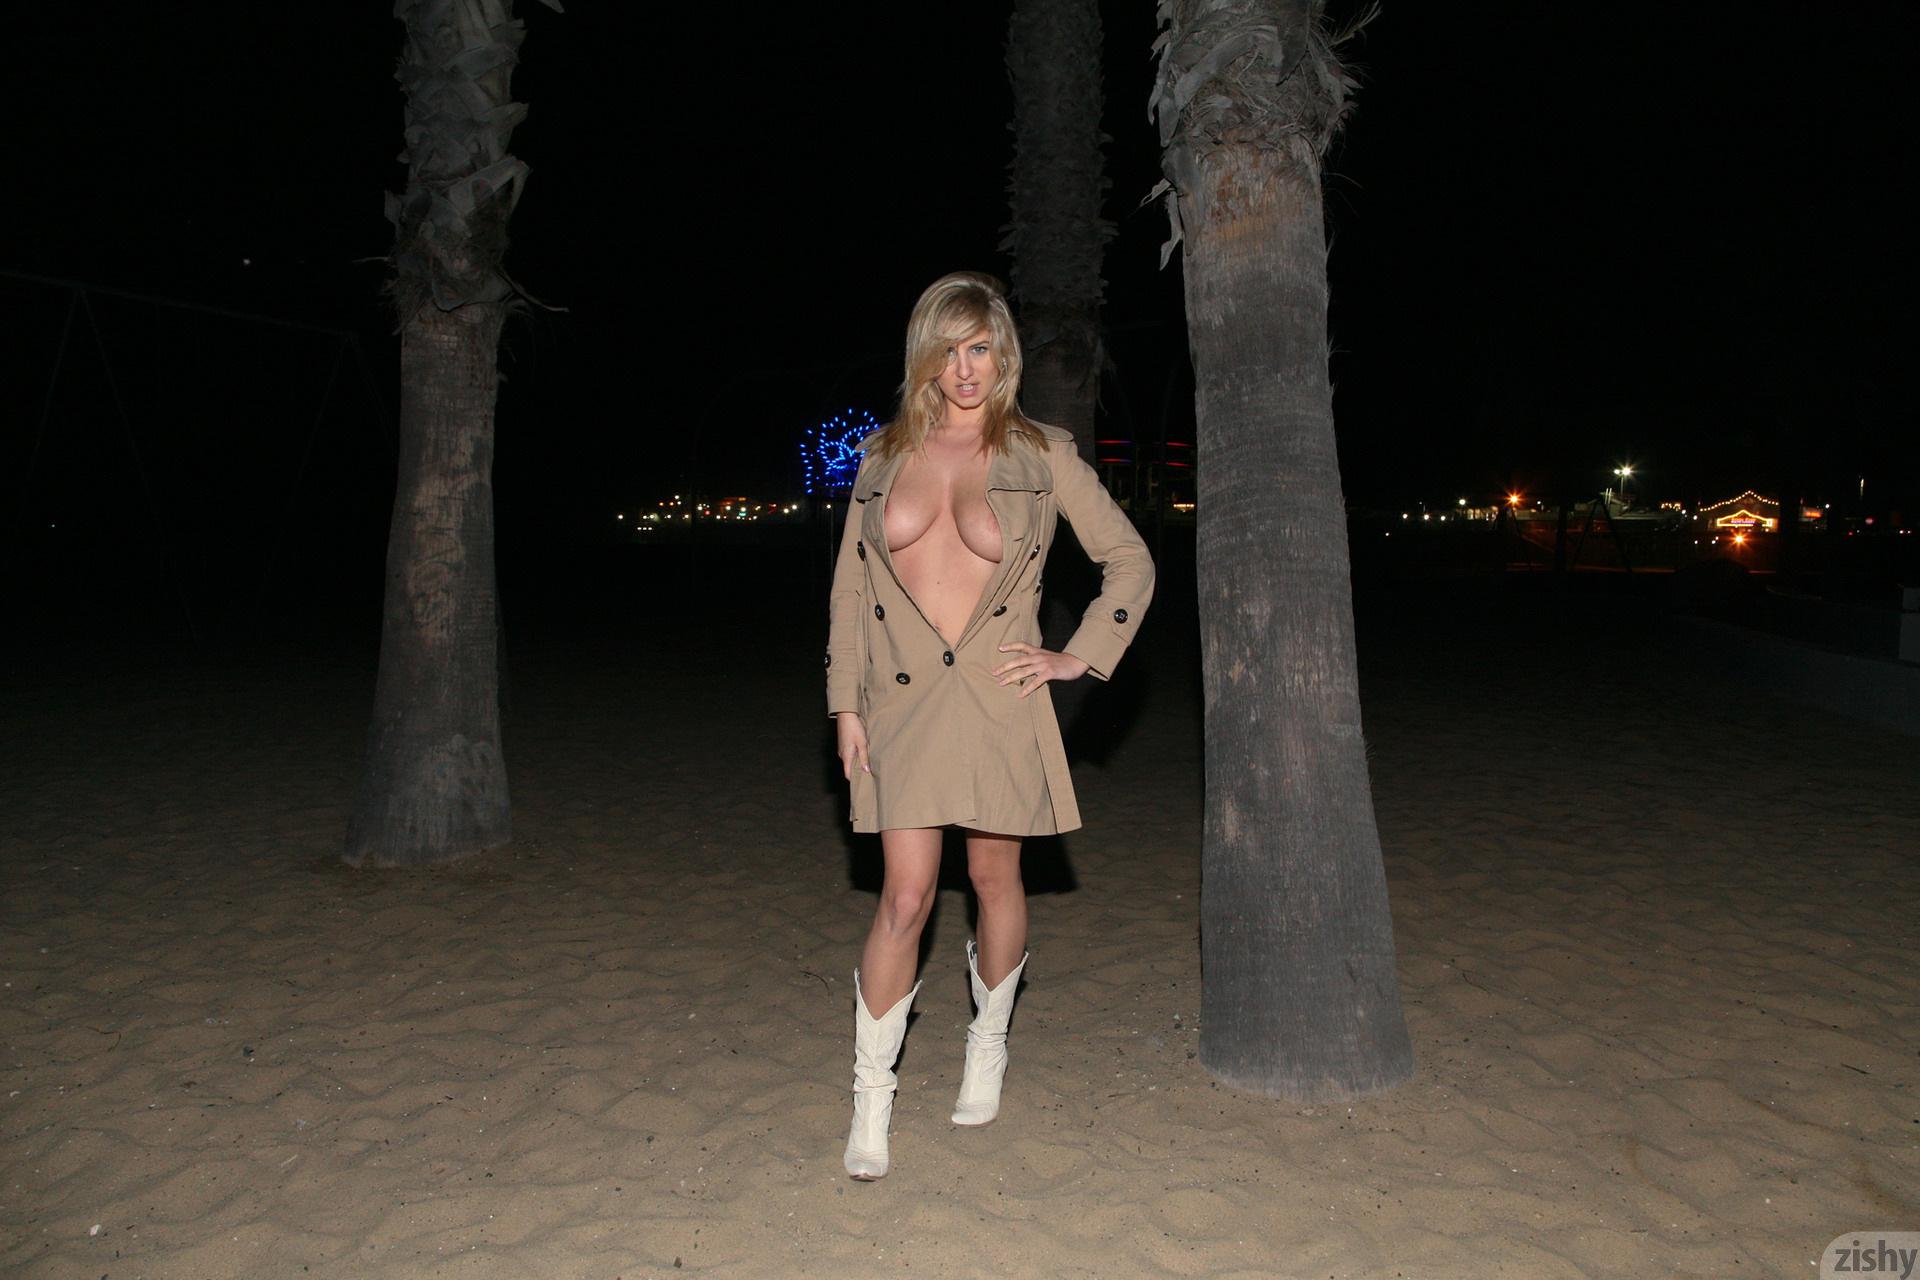 http://images.sexyteenheat.com/403/145261/3689216f211b6ca8eae3c7f8616e70bf/1387228.jpg